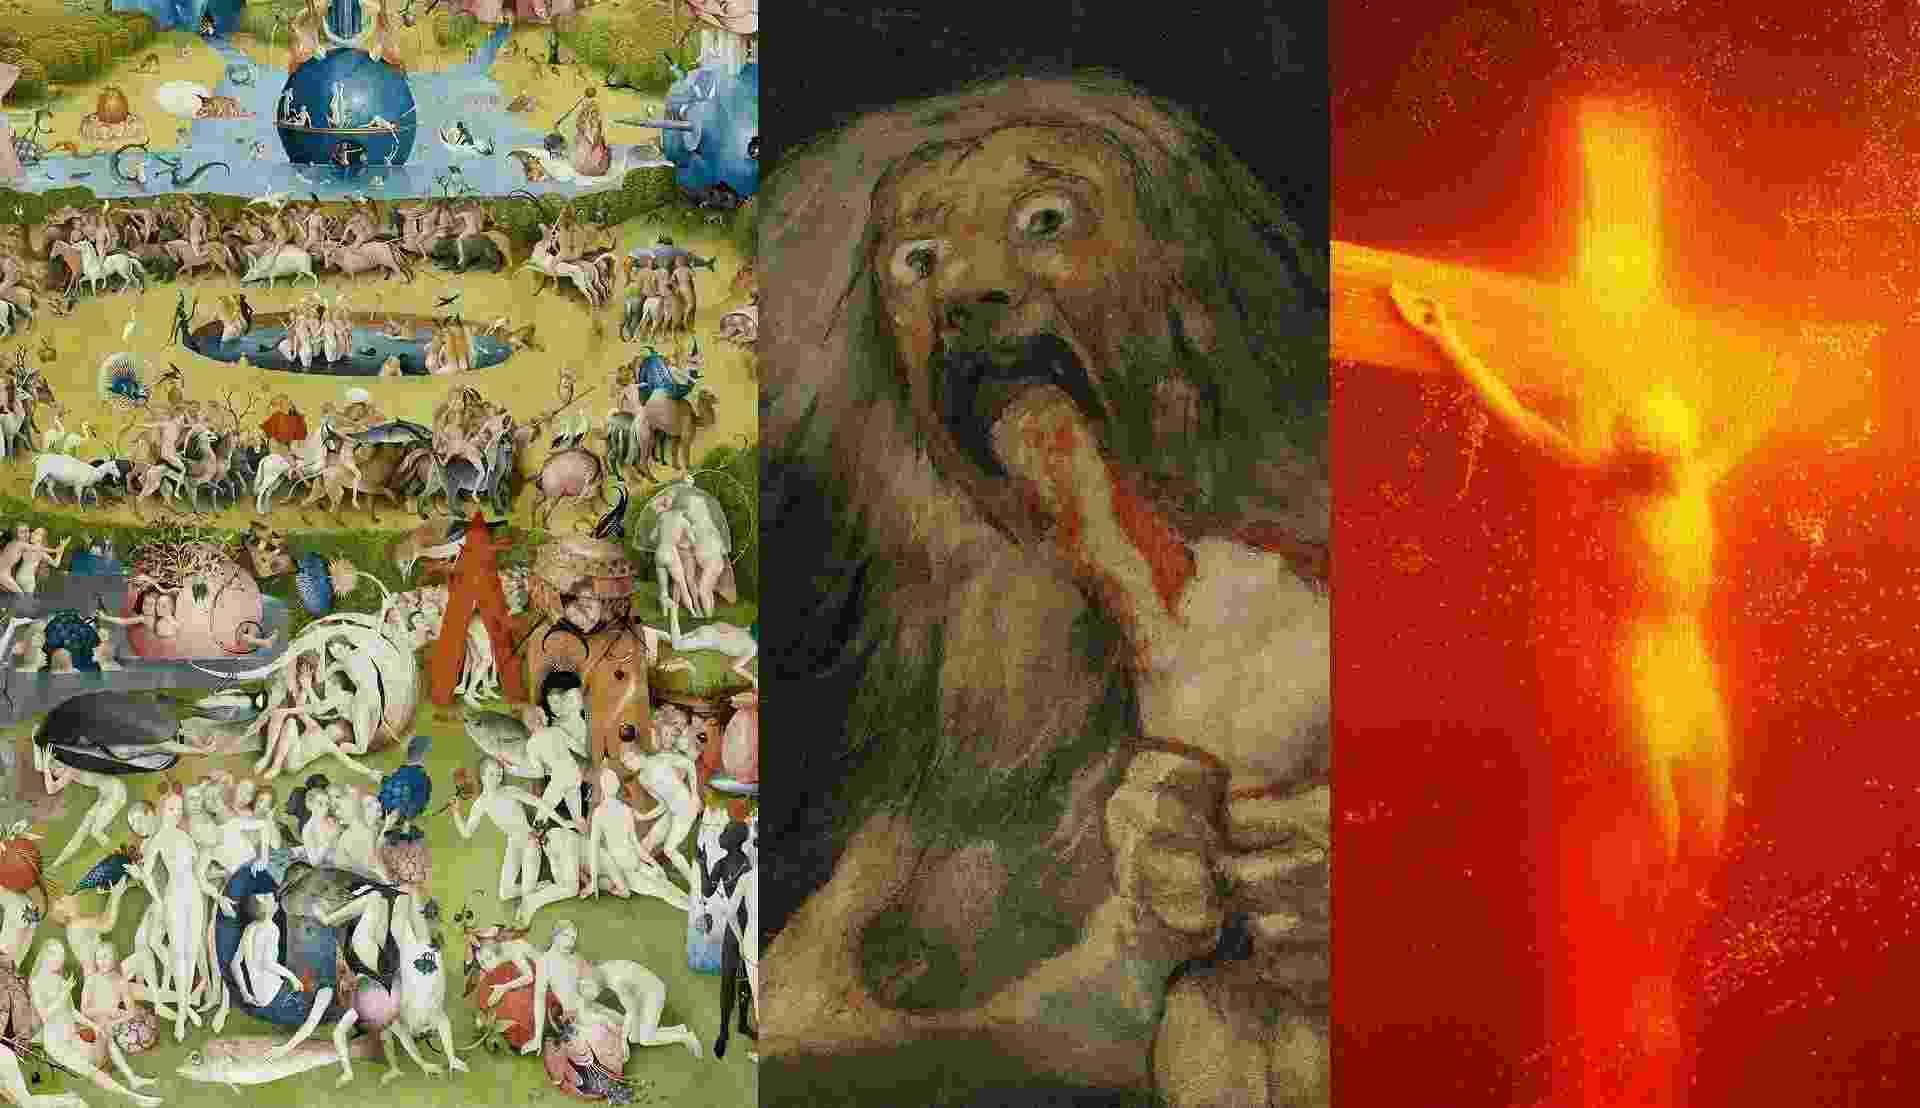 Obras de arte polêmicas - Reprodução/Monagem